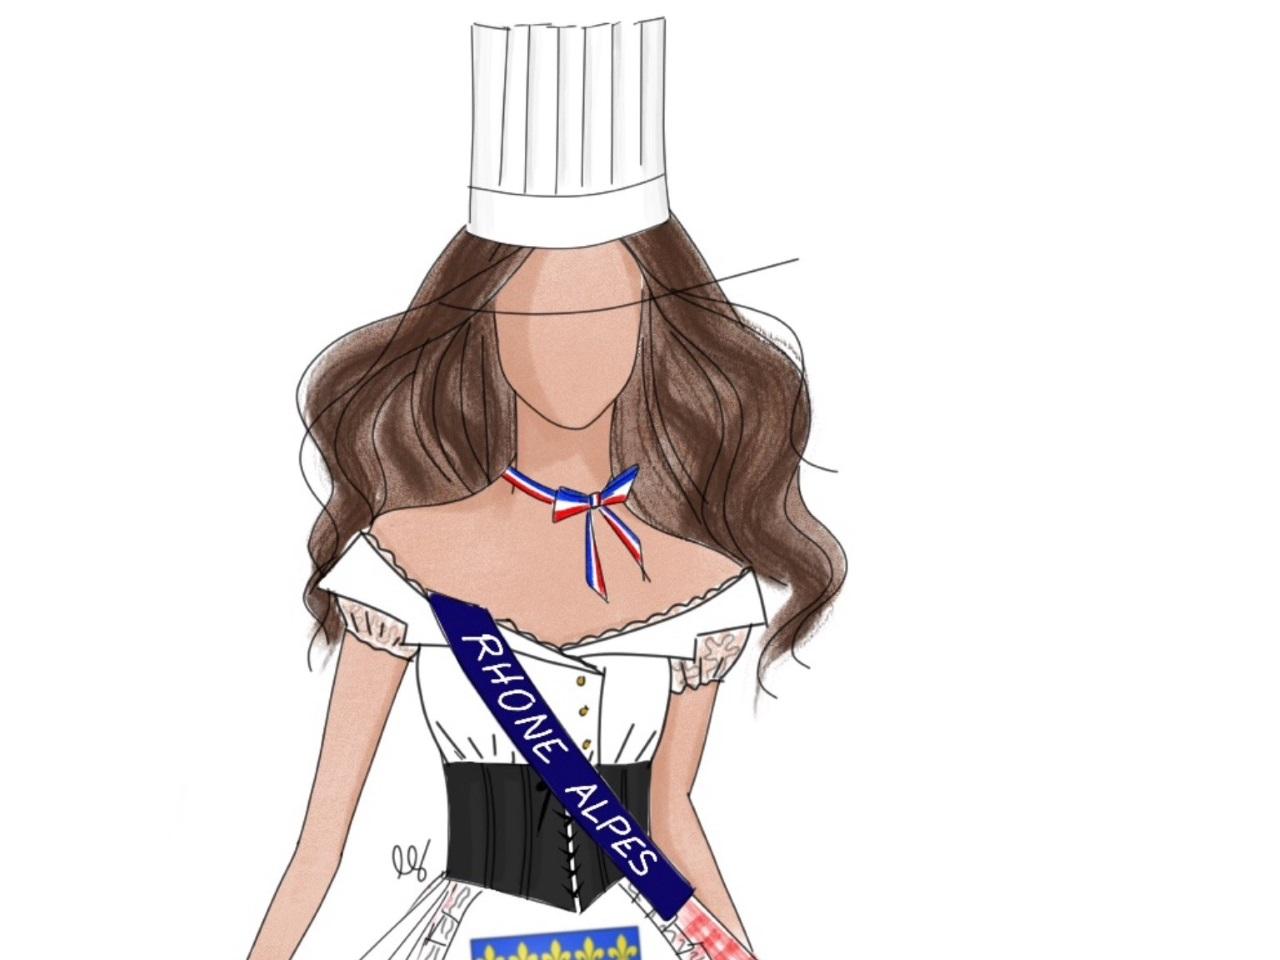 1789aa45d22 Un hommage à Paul Bocuse sur le costume régional de Miss Rhône-Alpes